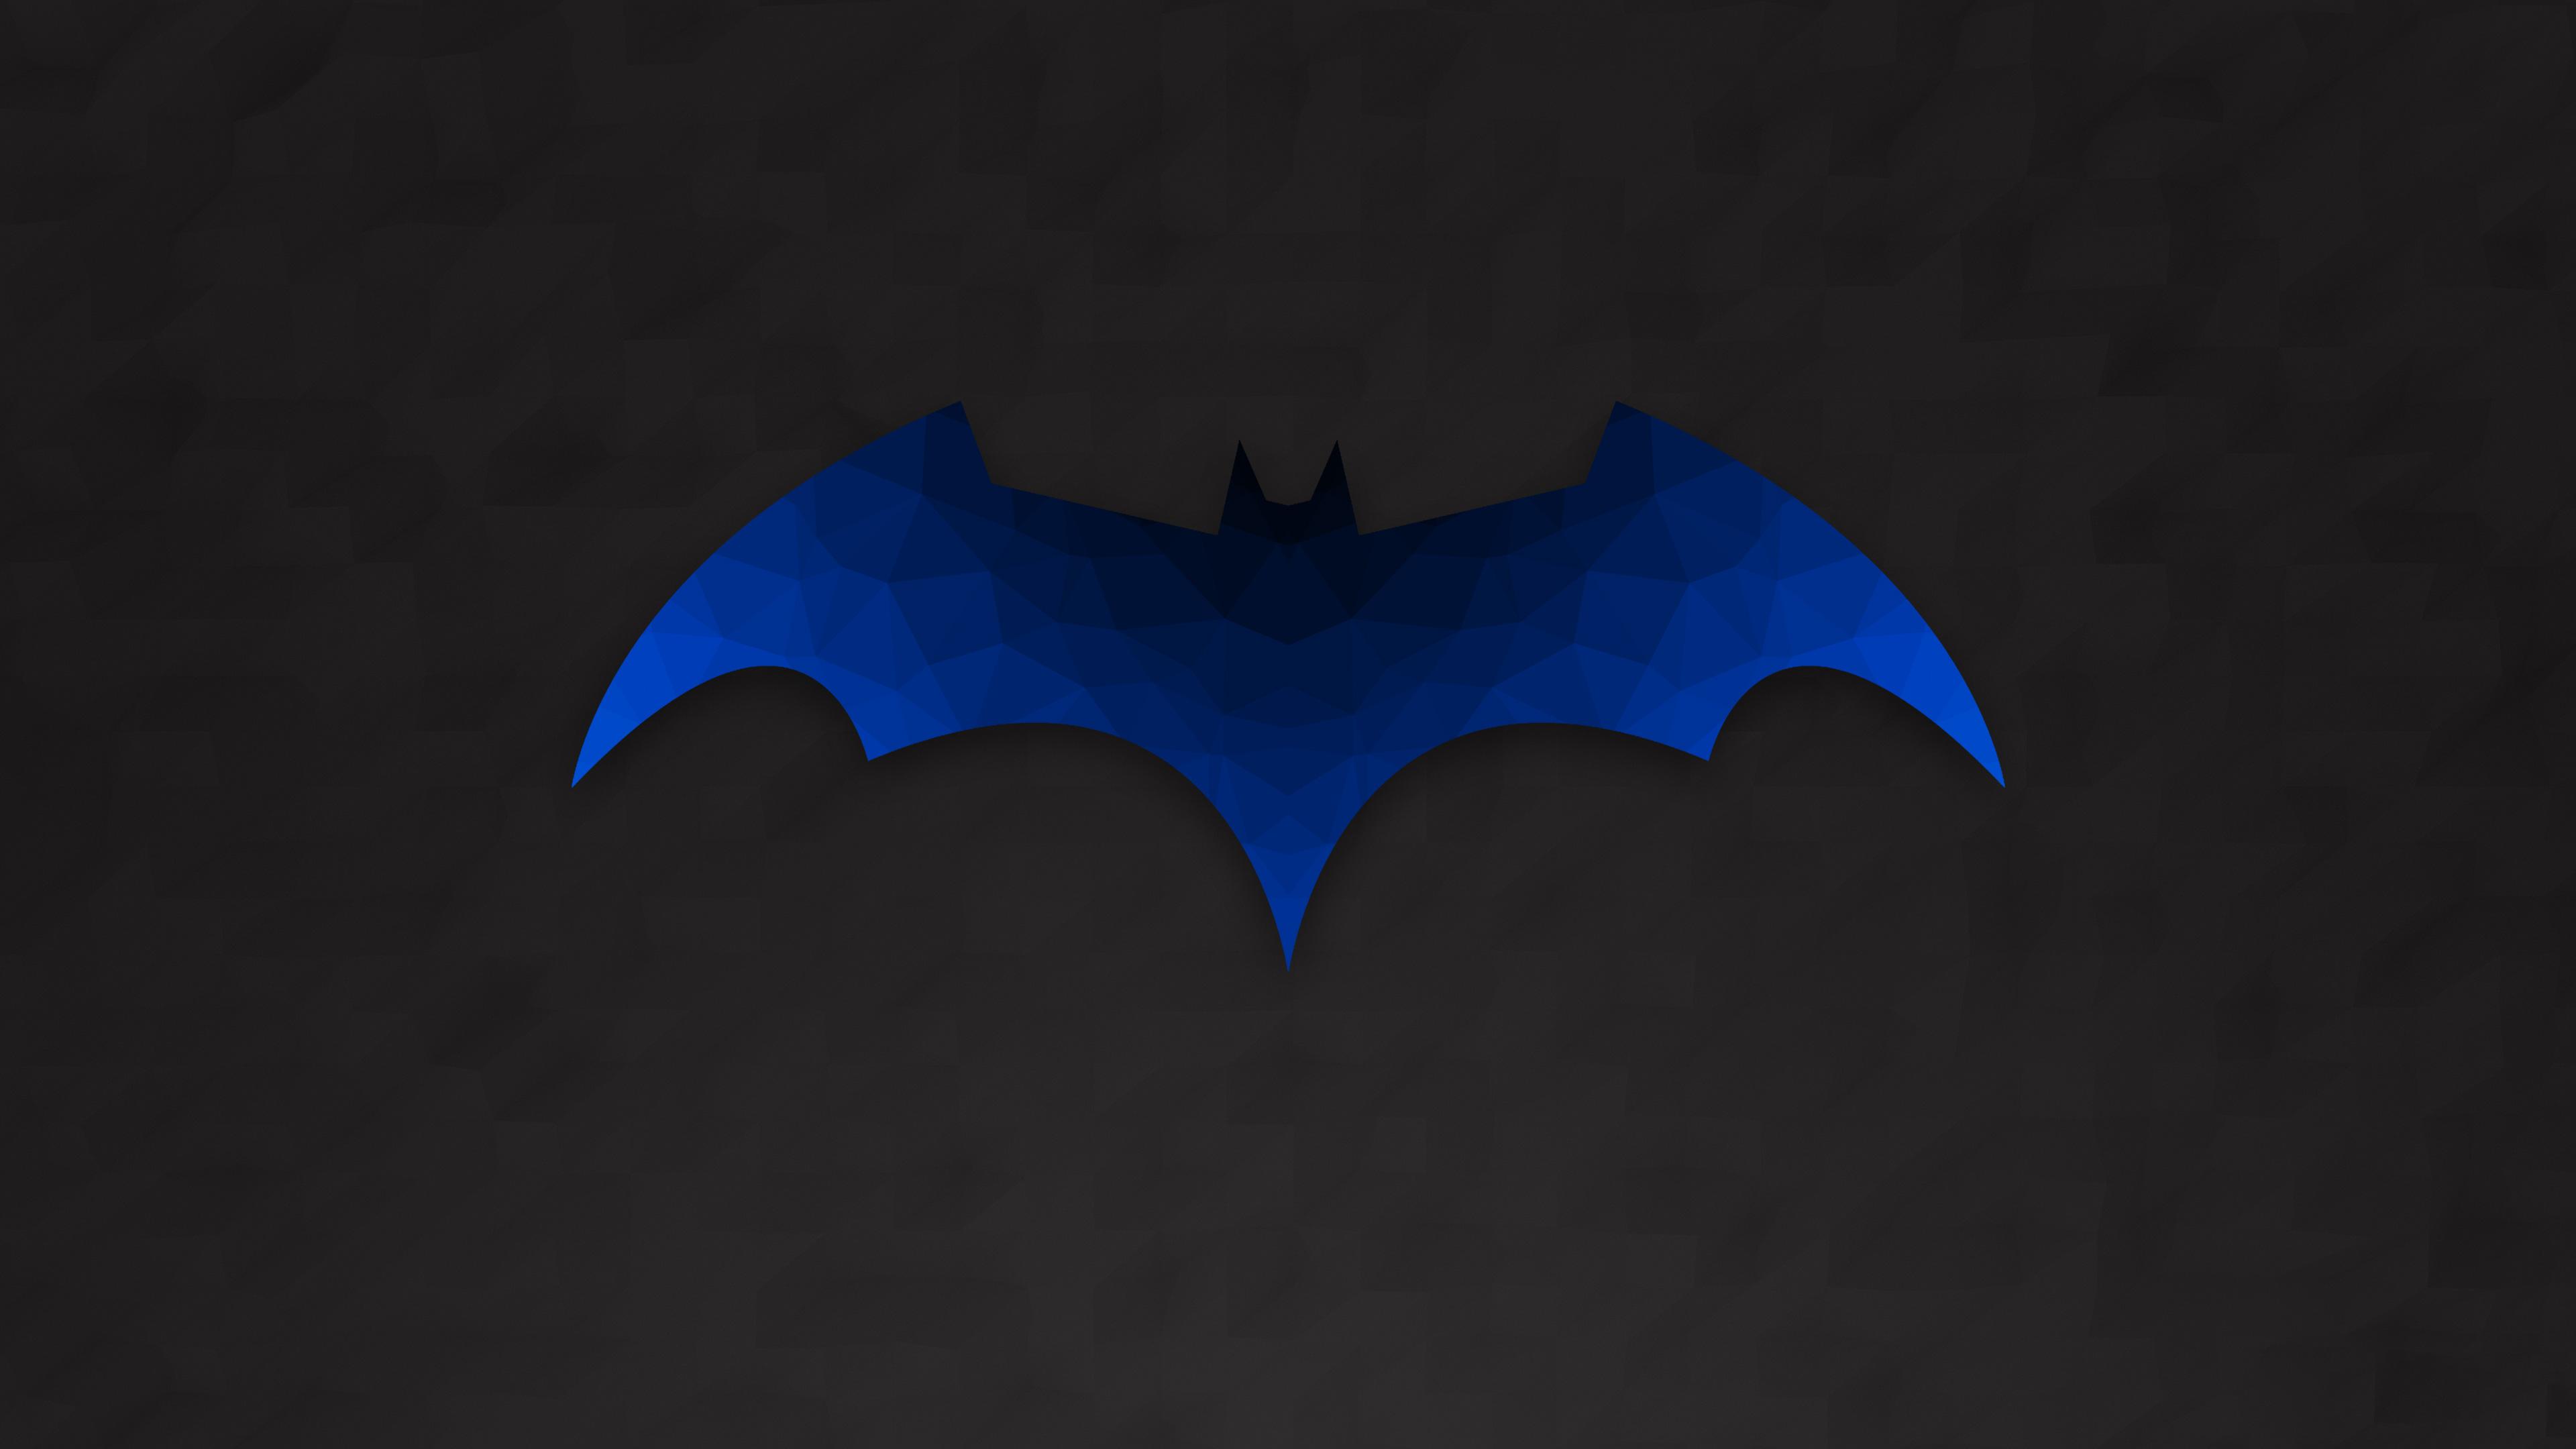 Low Polygon Batman Logo